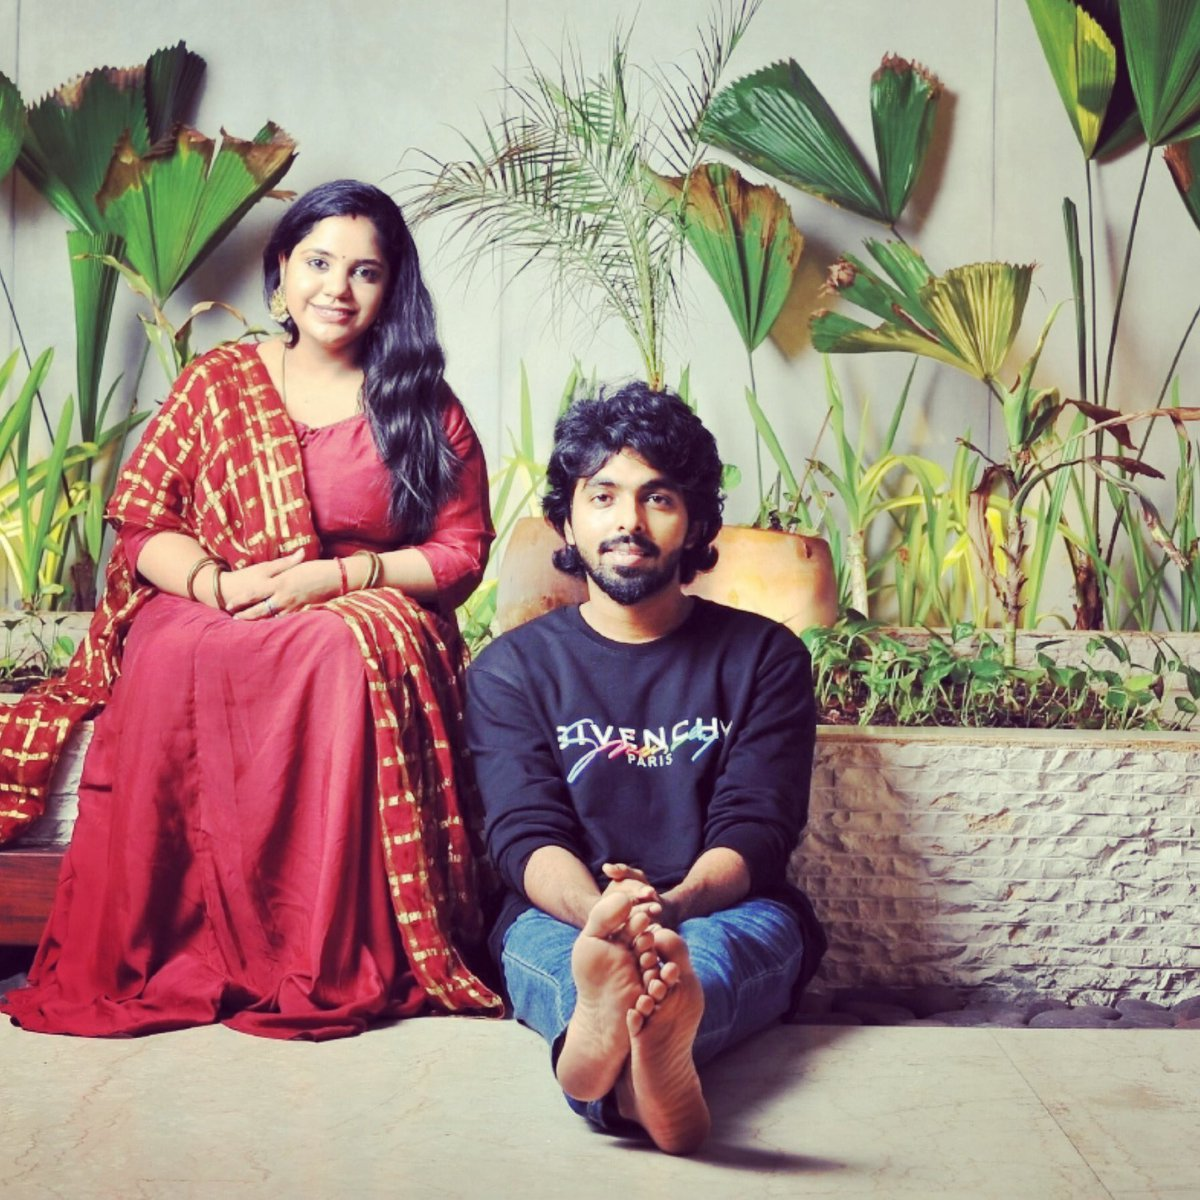 At sweet #home ✨✨ @singersaindhavi